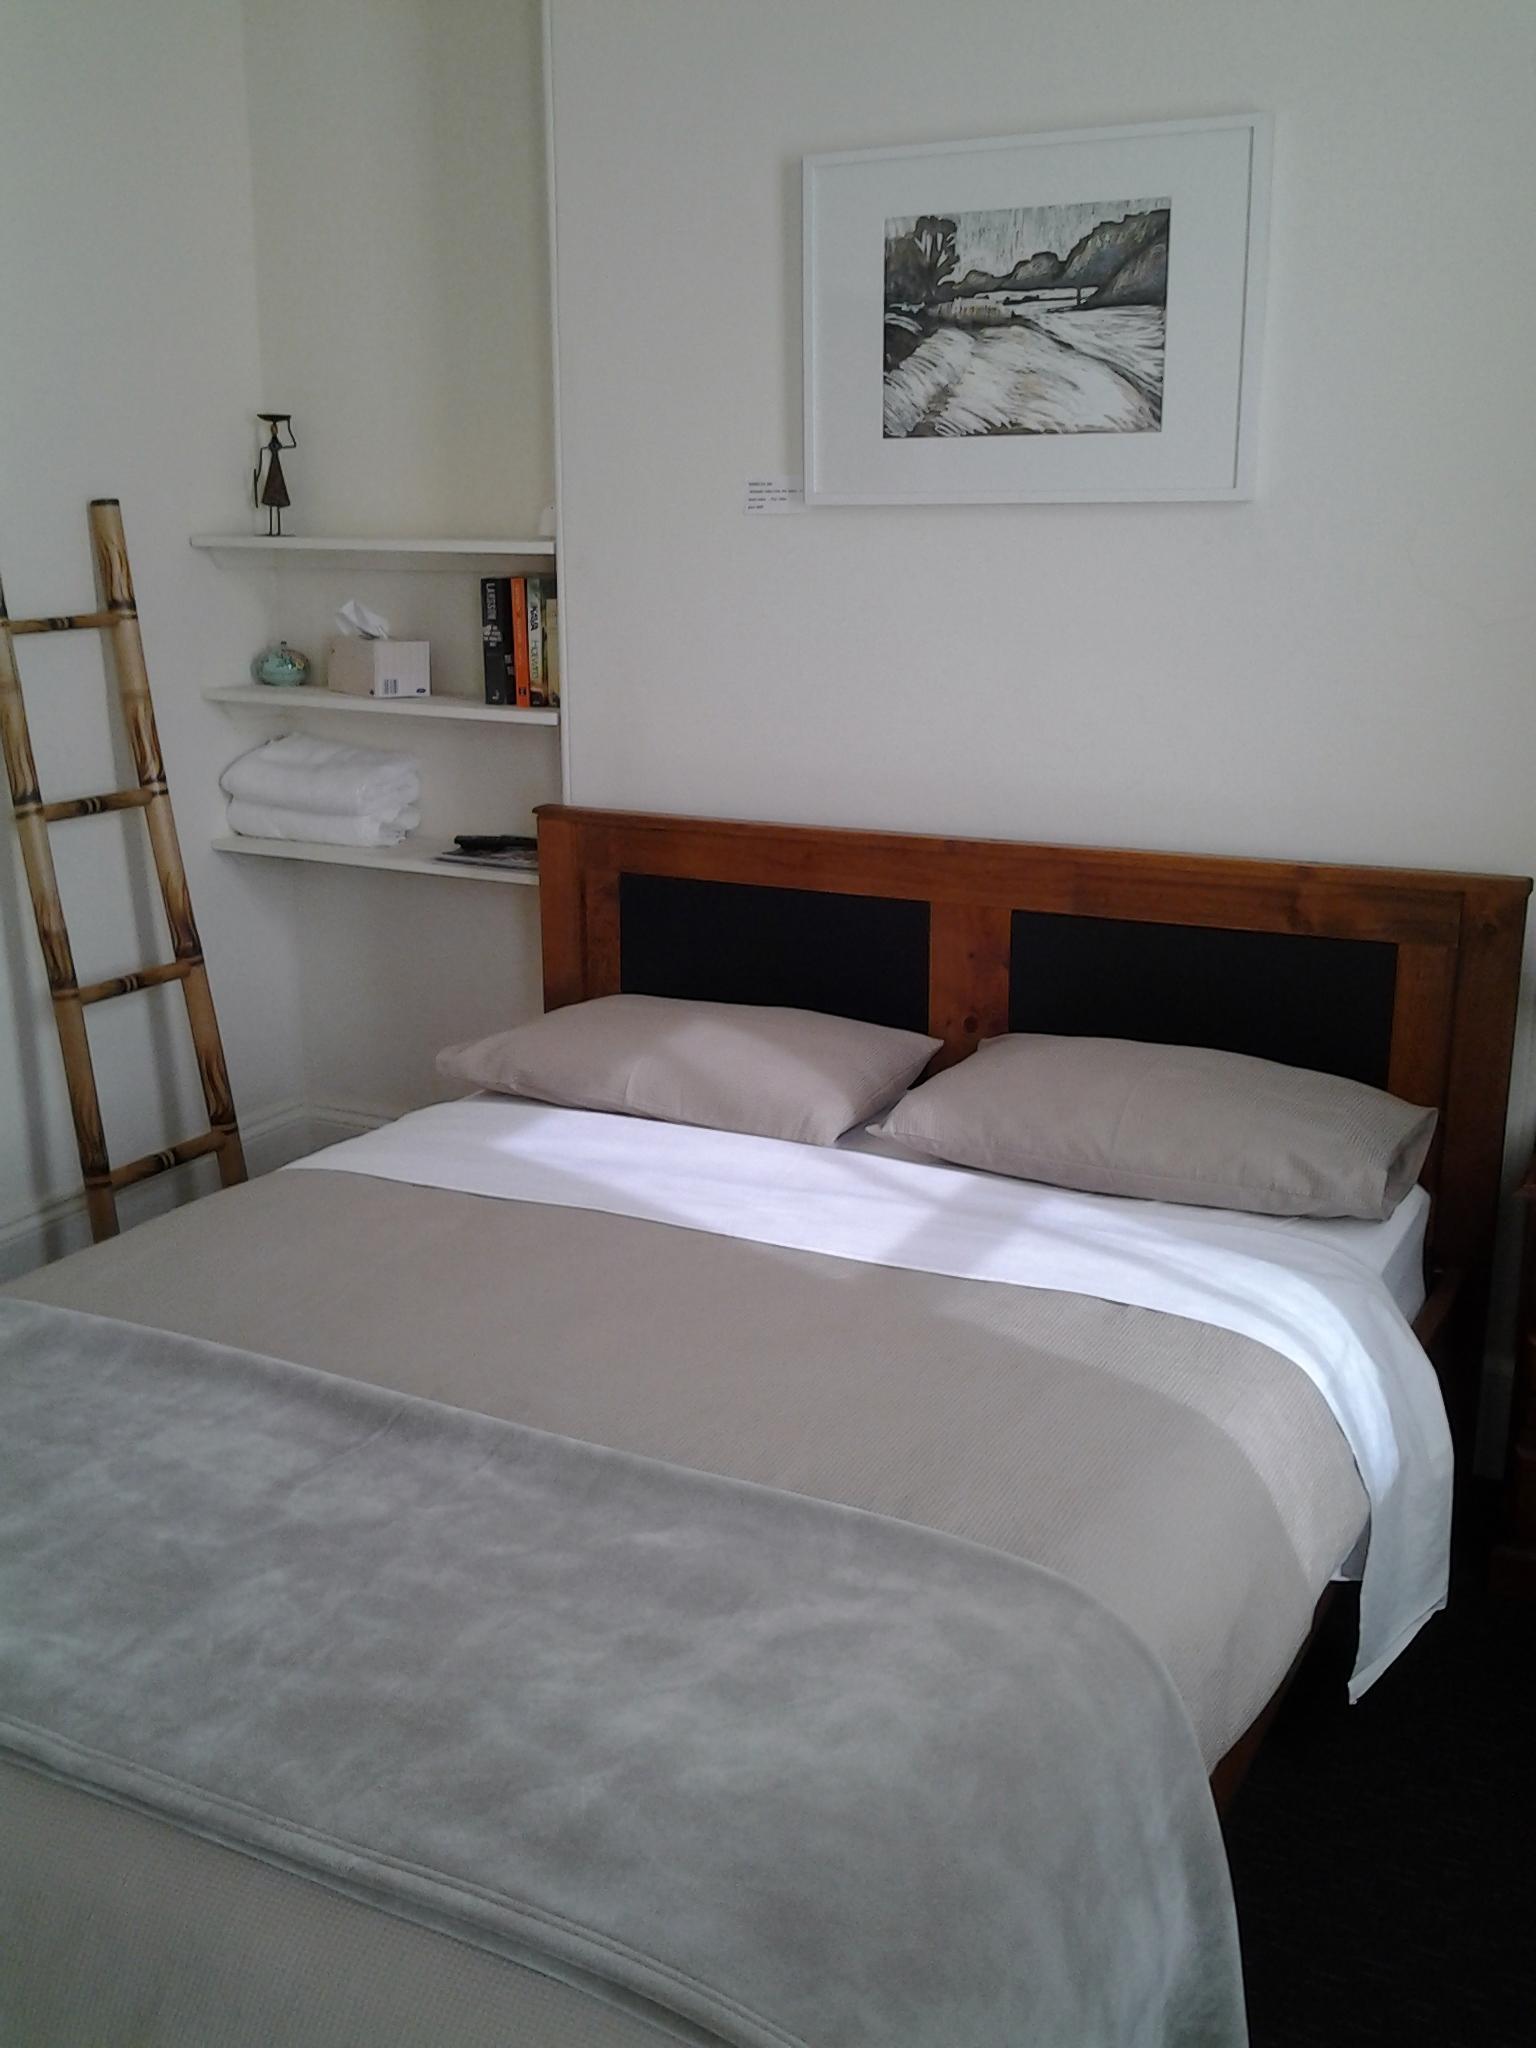 accommodation-1.jpg